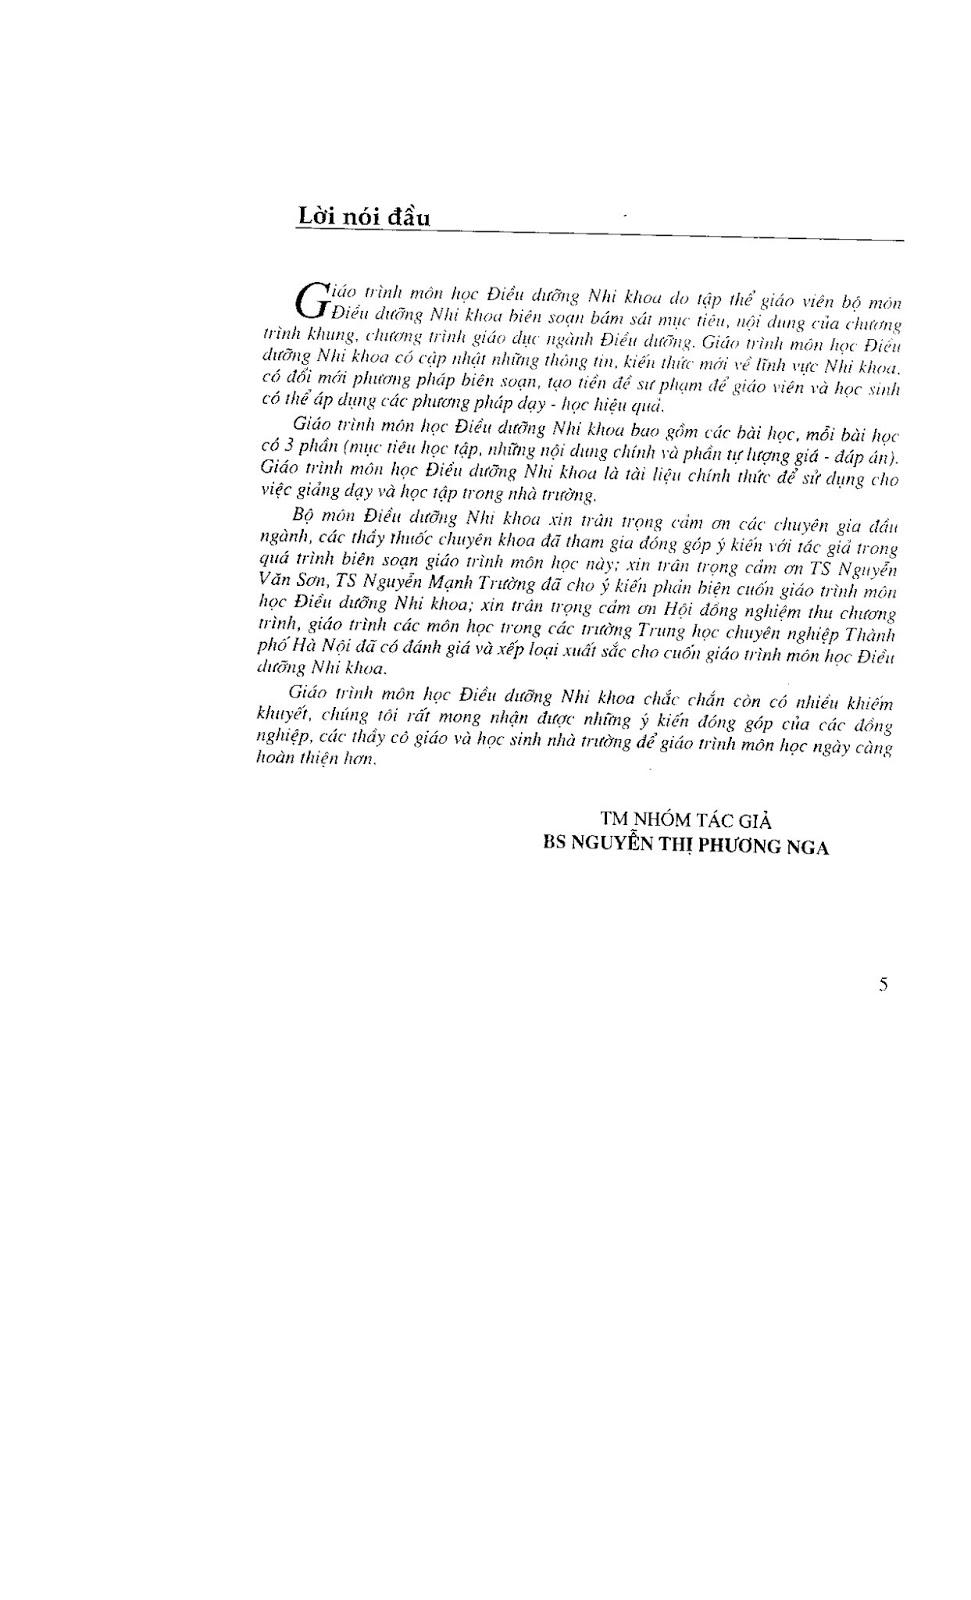 Trang 6 sach Giáo trình điều dưỡng Nhi khoa - NXB Hà Nội 2005